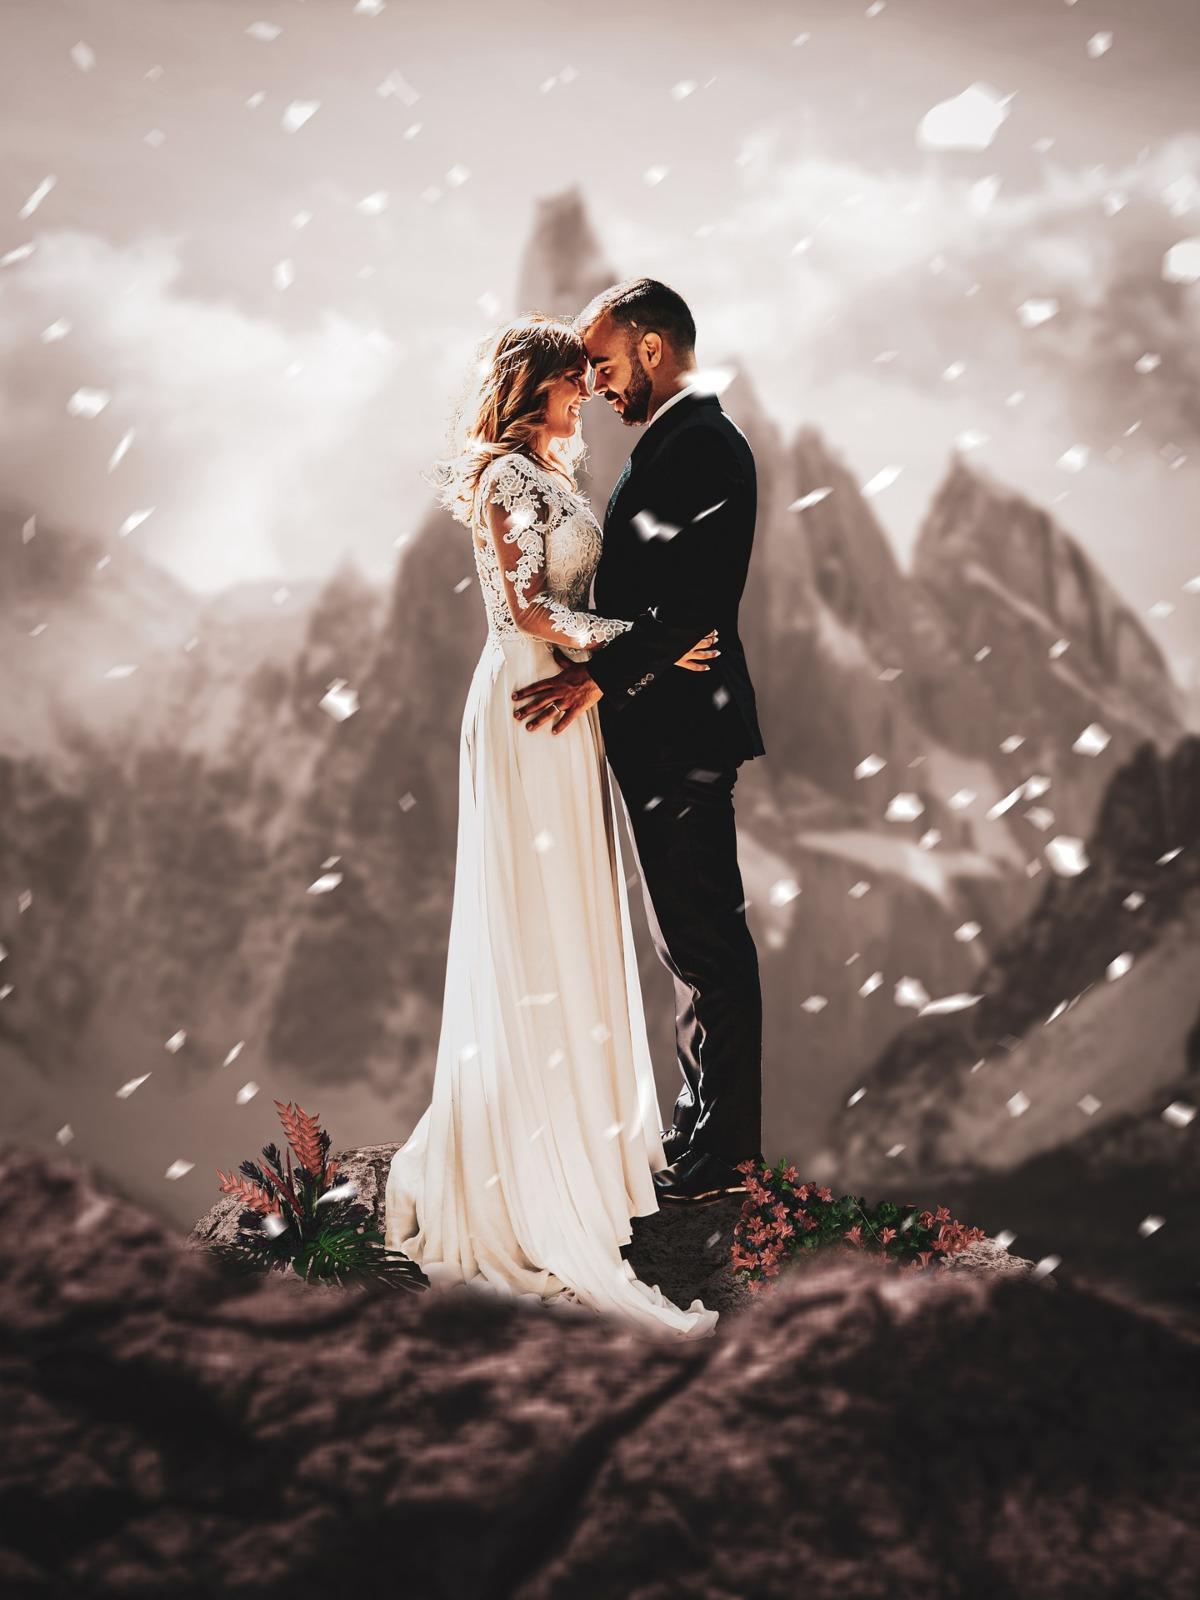 Matrimonio a dicembre? Perché no!